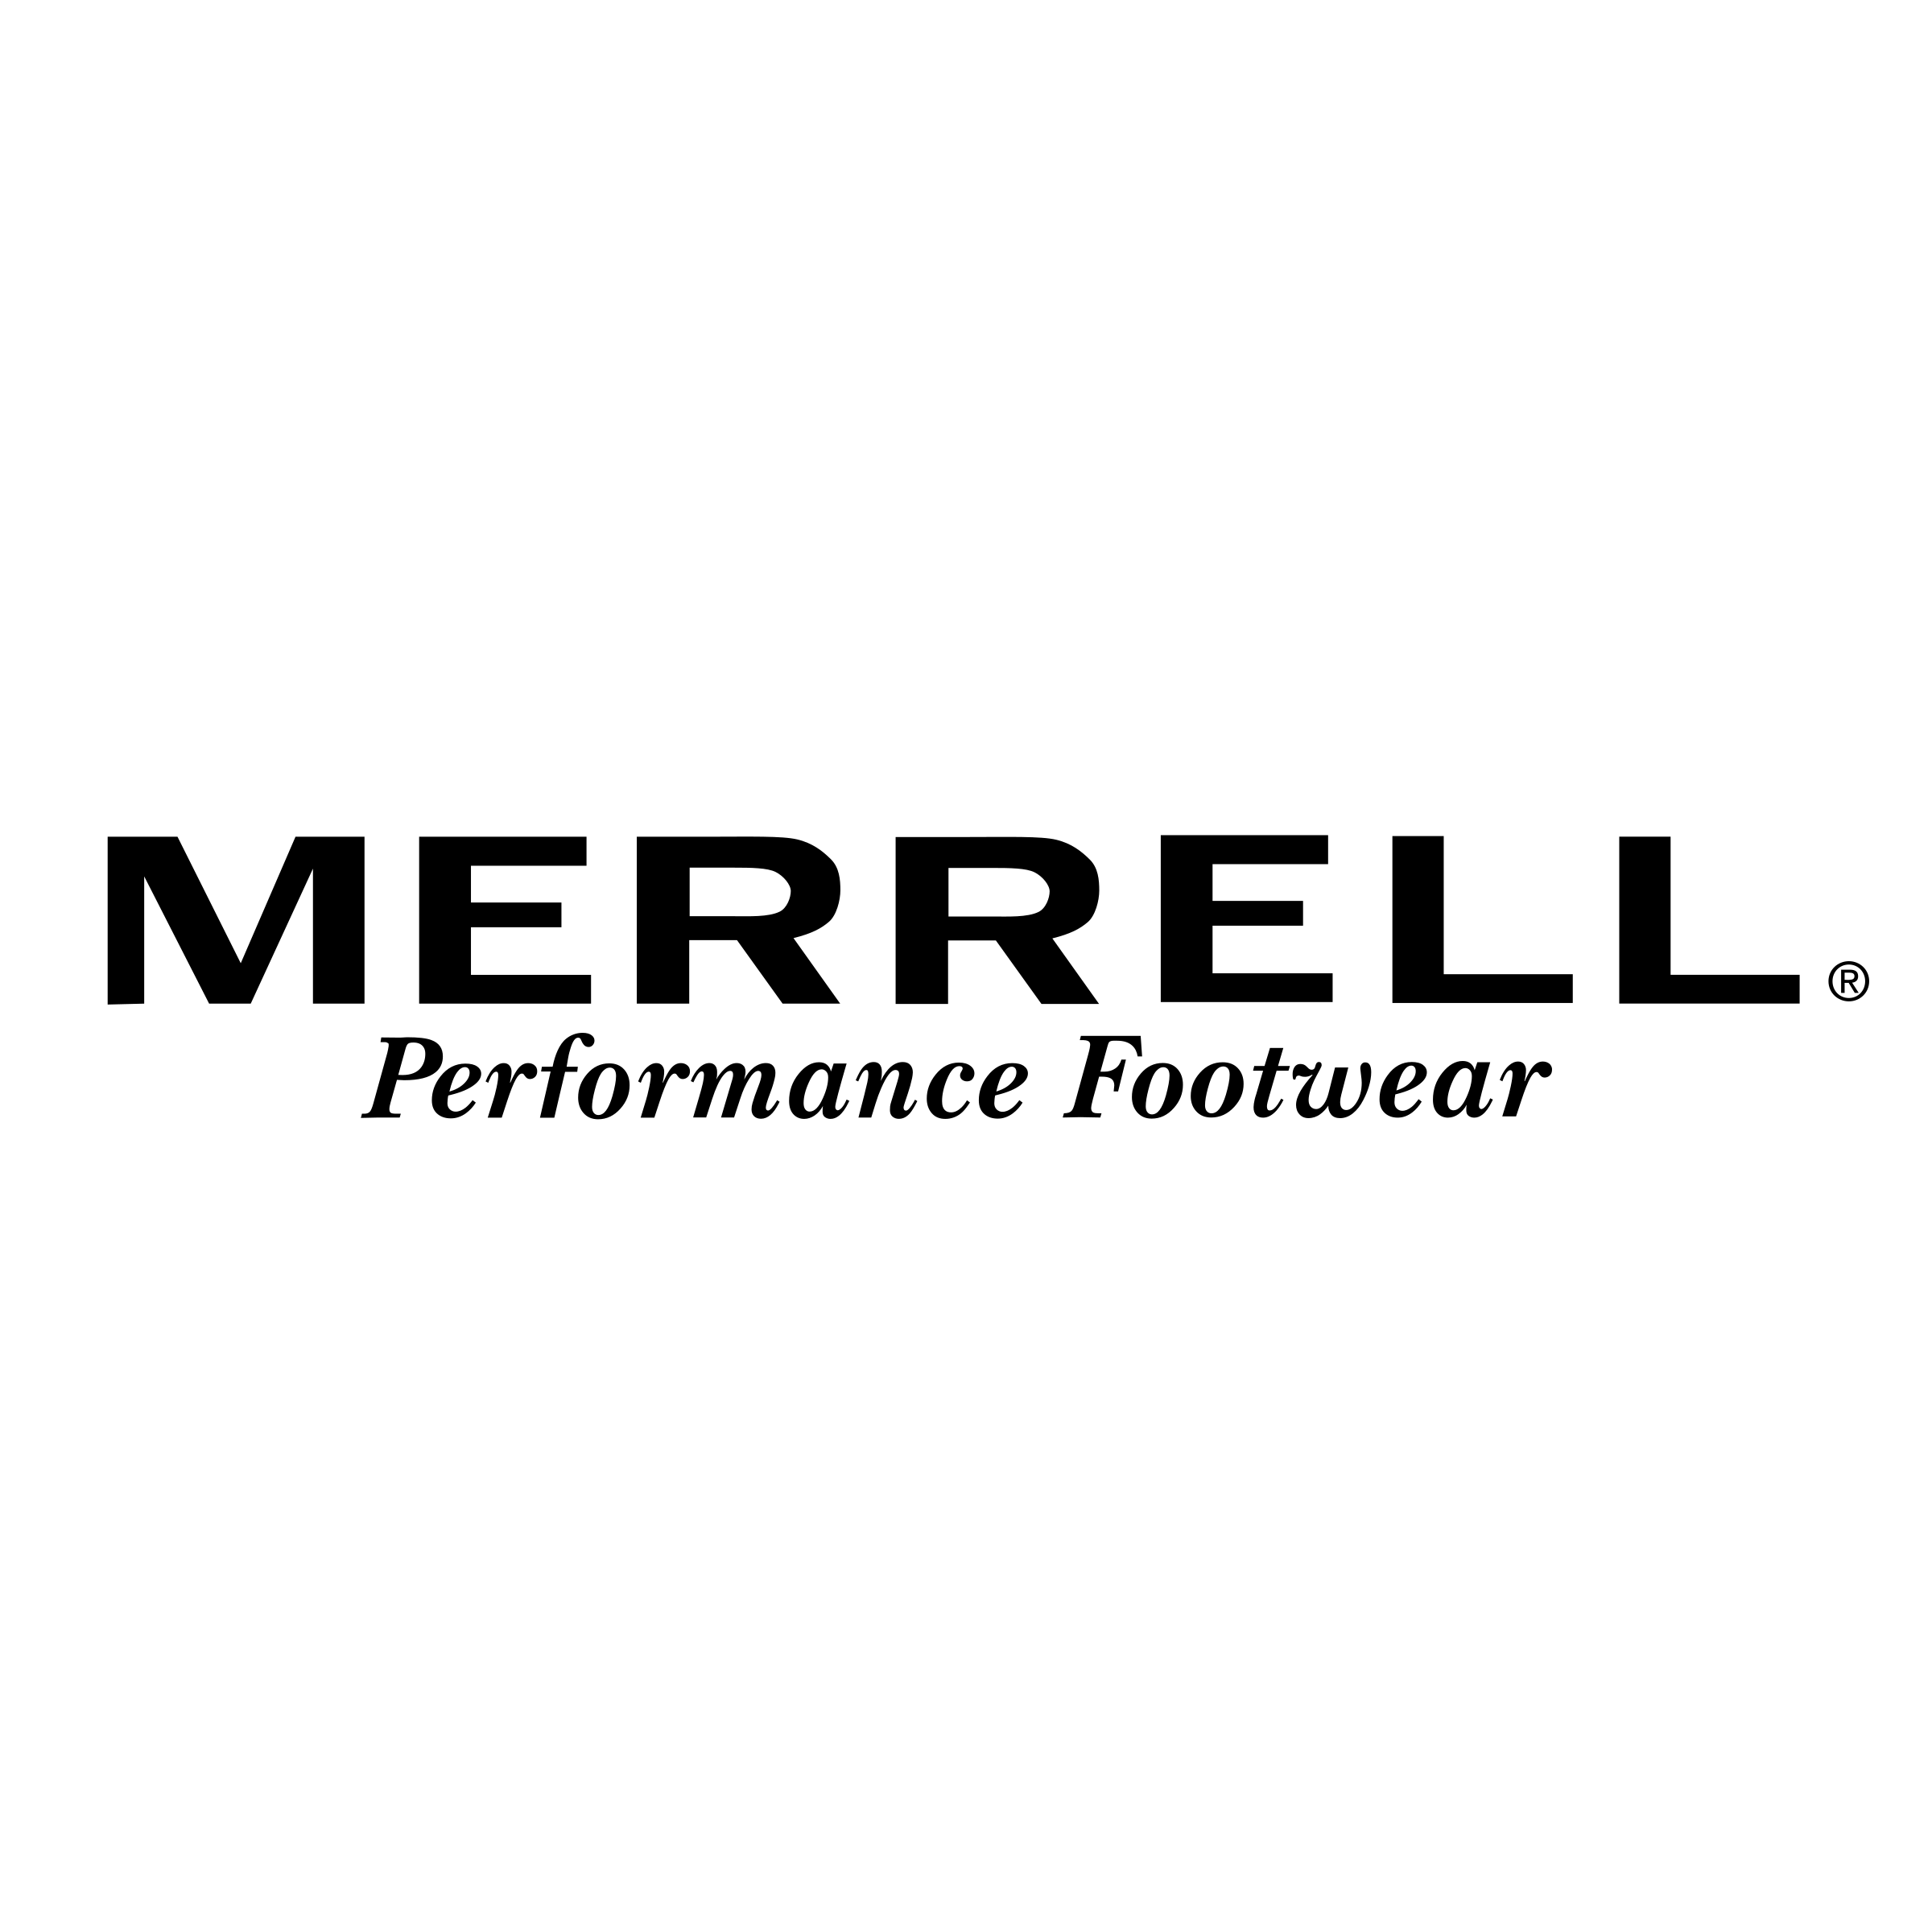 Merrell Logo PNG Transparent & SVG Vector.